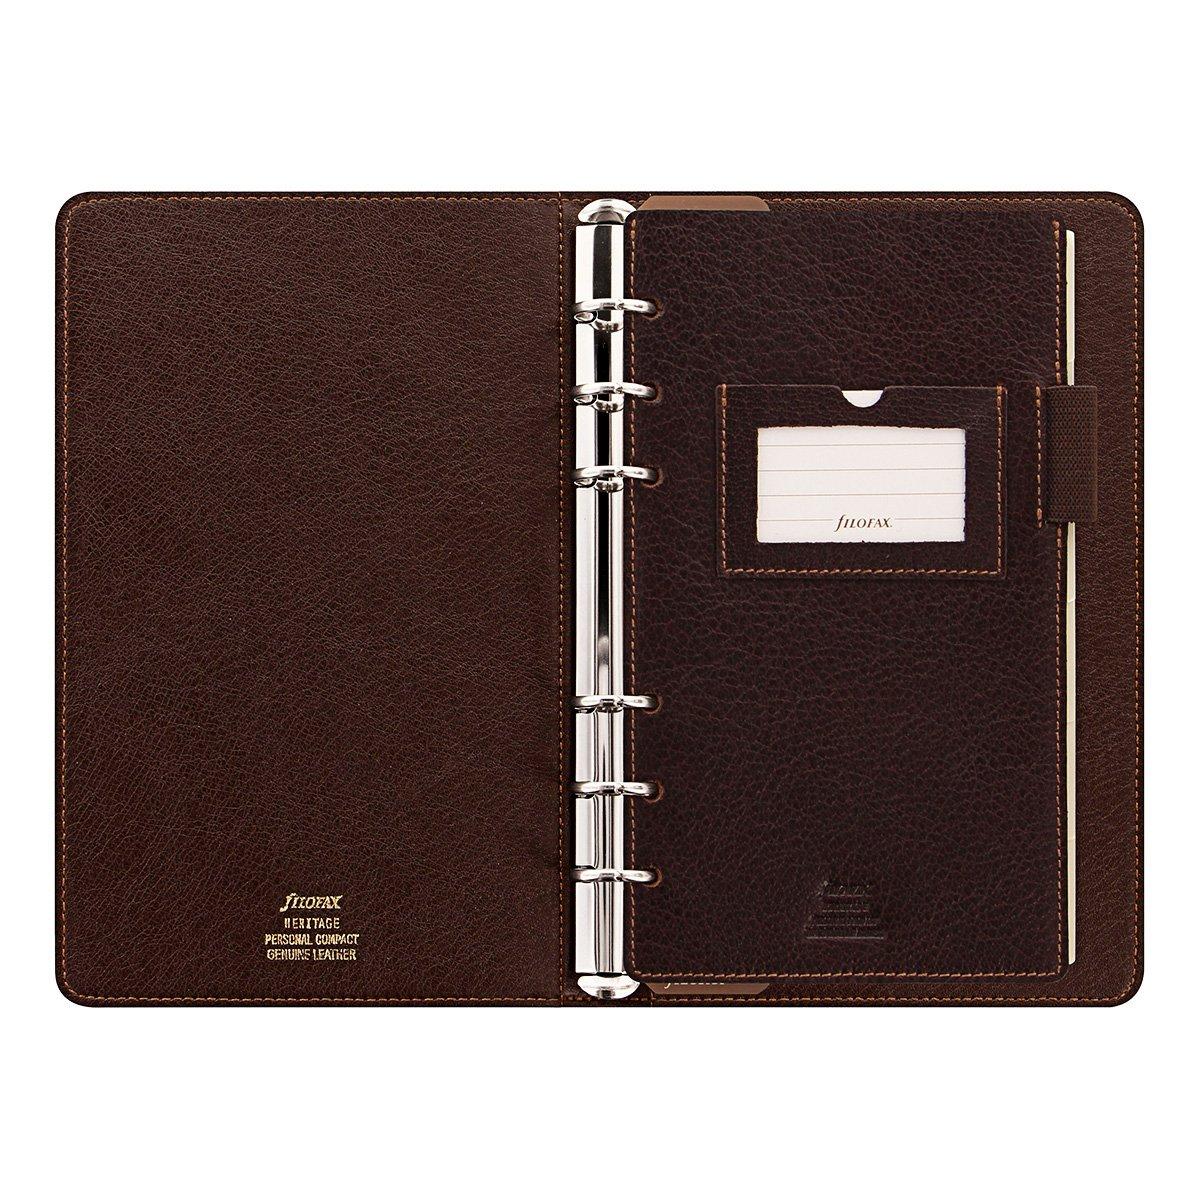 Filofax Leder Organiser Terminplaner Heritage personal compact braun B01LNP5JB0 B01LNP5JB0 B01LNP5JB0 | New Style  56520d